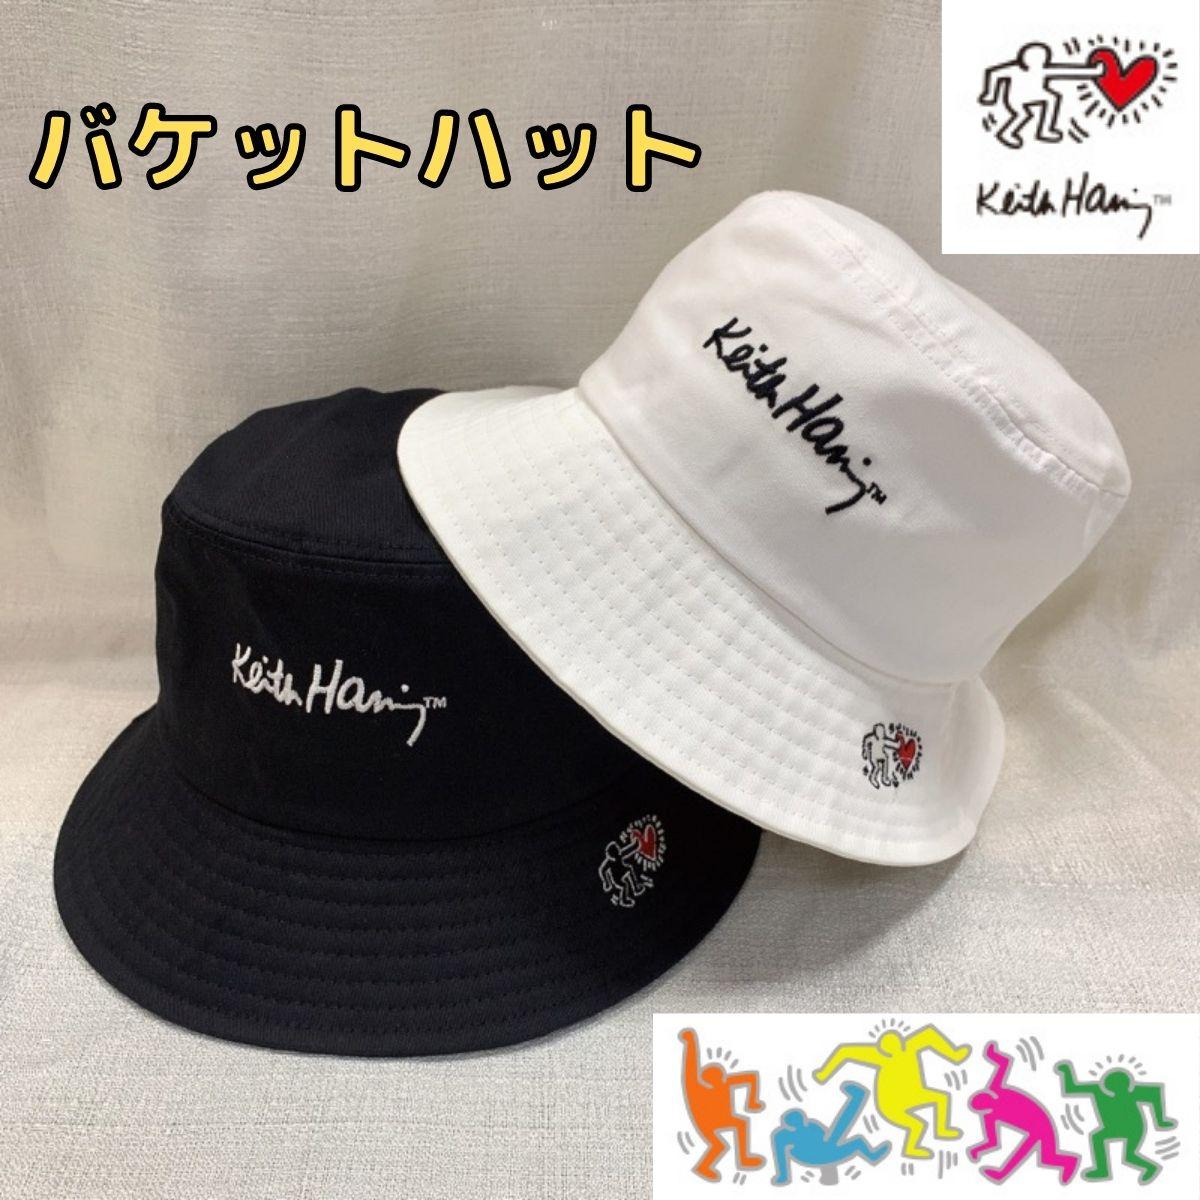 バケットハット バケハ 帽子 ハット キースへリング Keith Haring つば広 日よけ 人気 おしゃれ ブランド